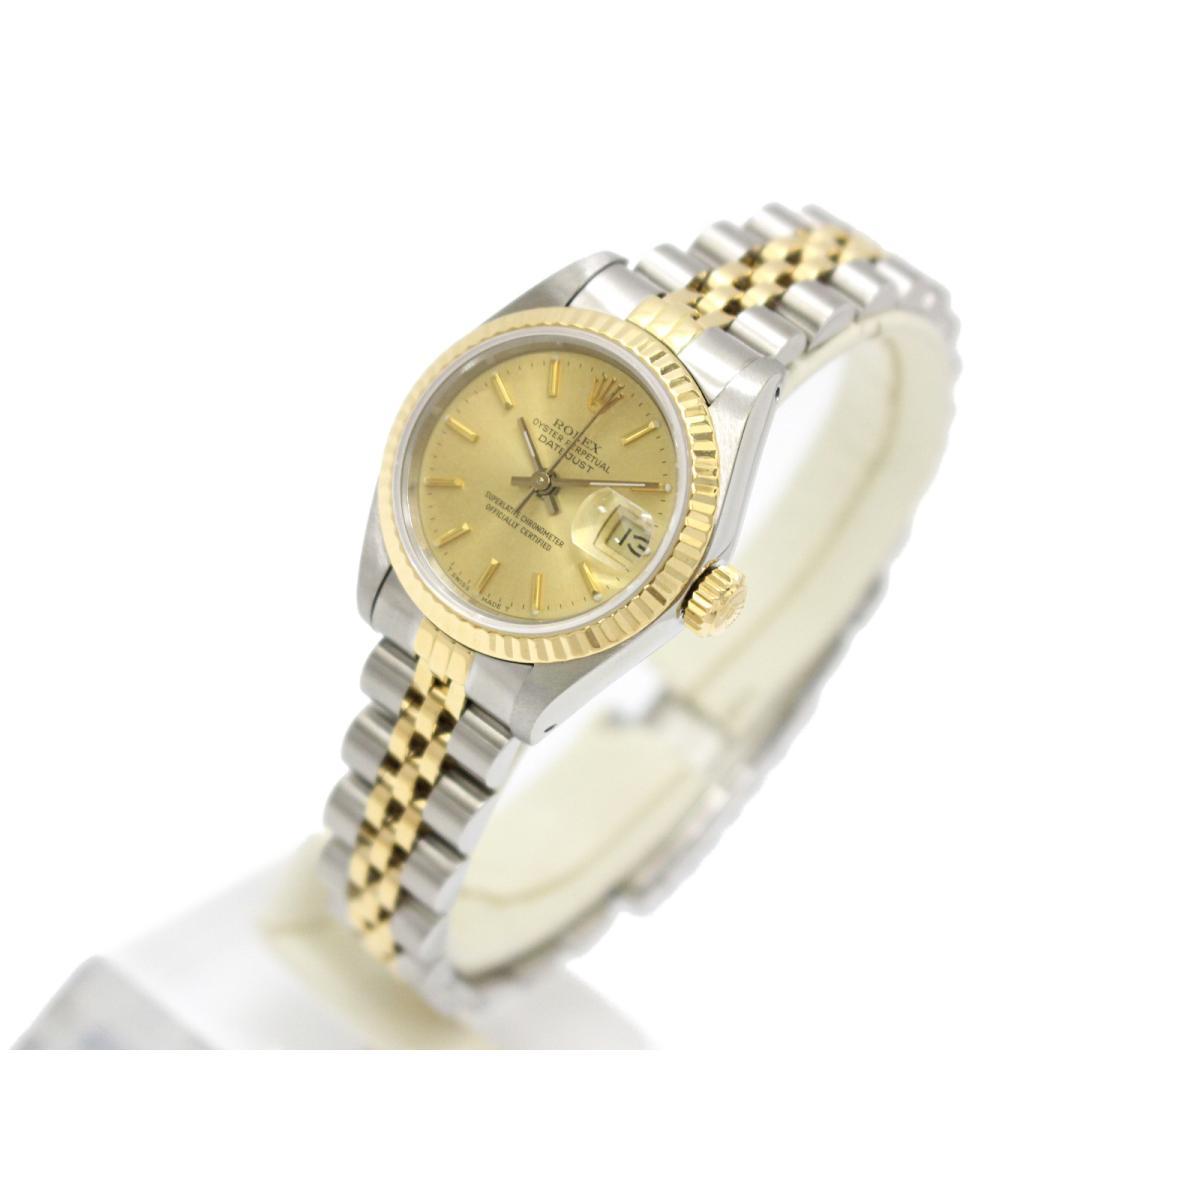 ROLEX 時計  デイトジャスト レディース/腕時計/人気/おすすめ/SALE/お買得品